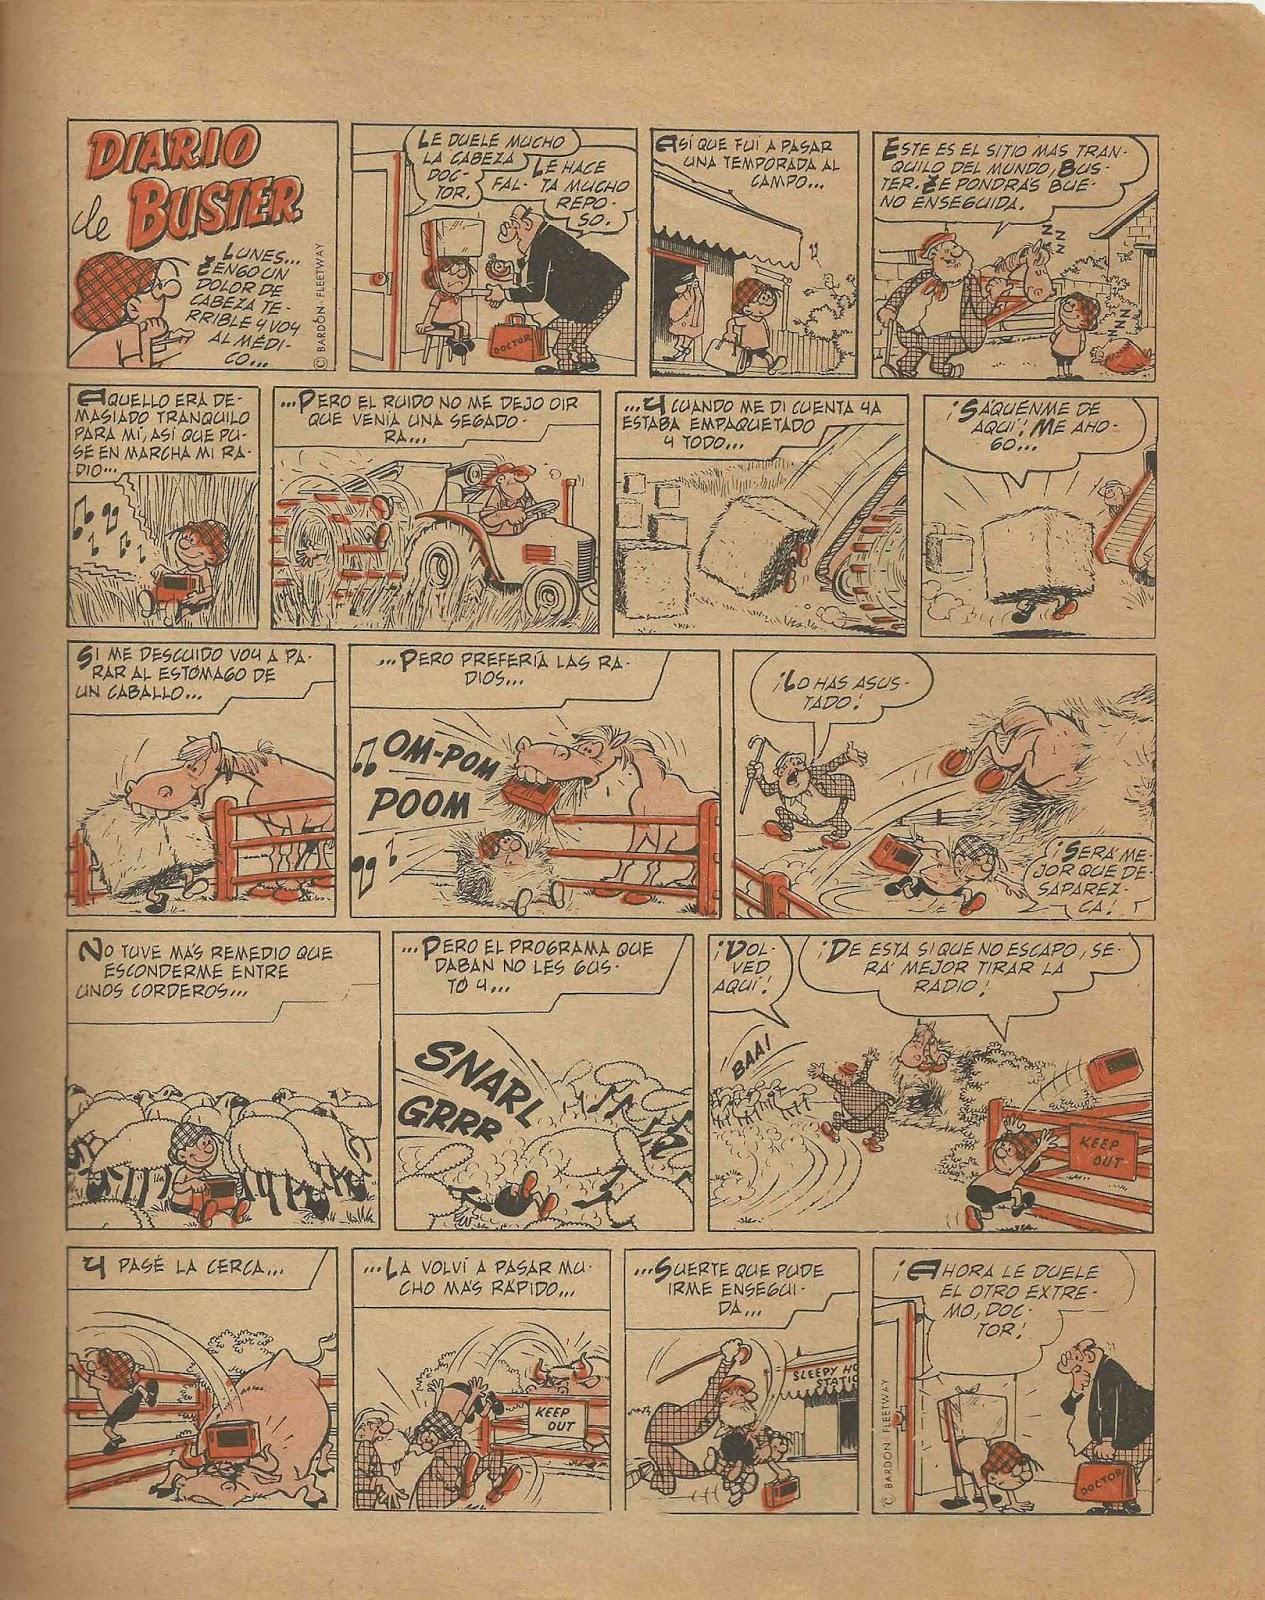 Página de Buster en la revista la Risa (Marco) dibujada por Nadal